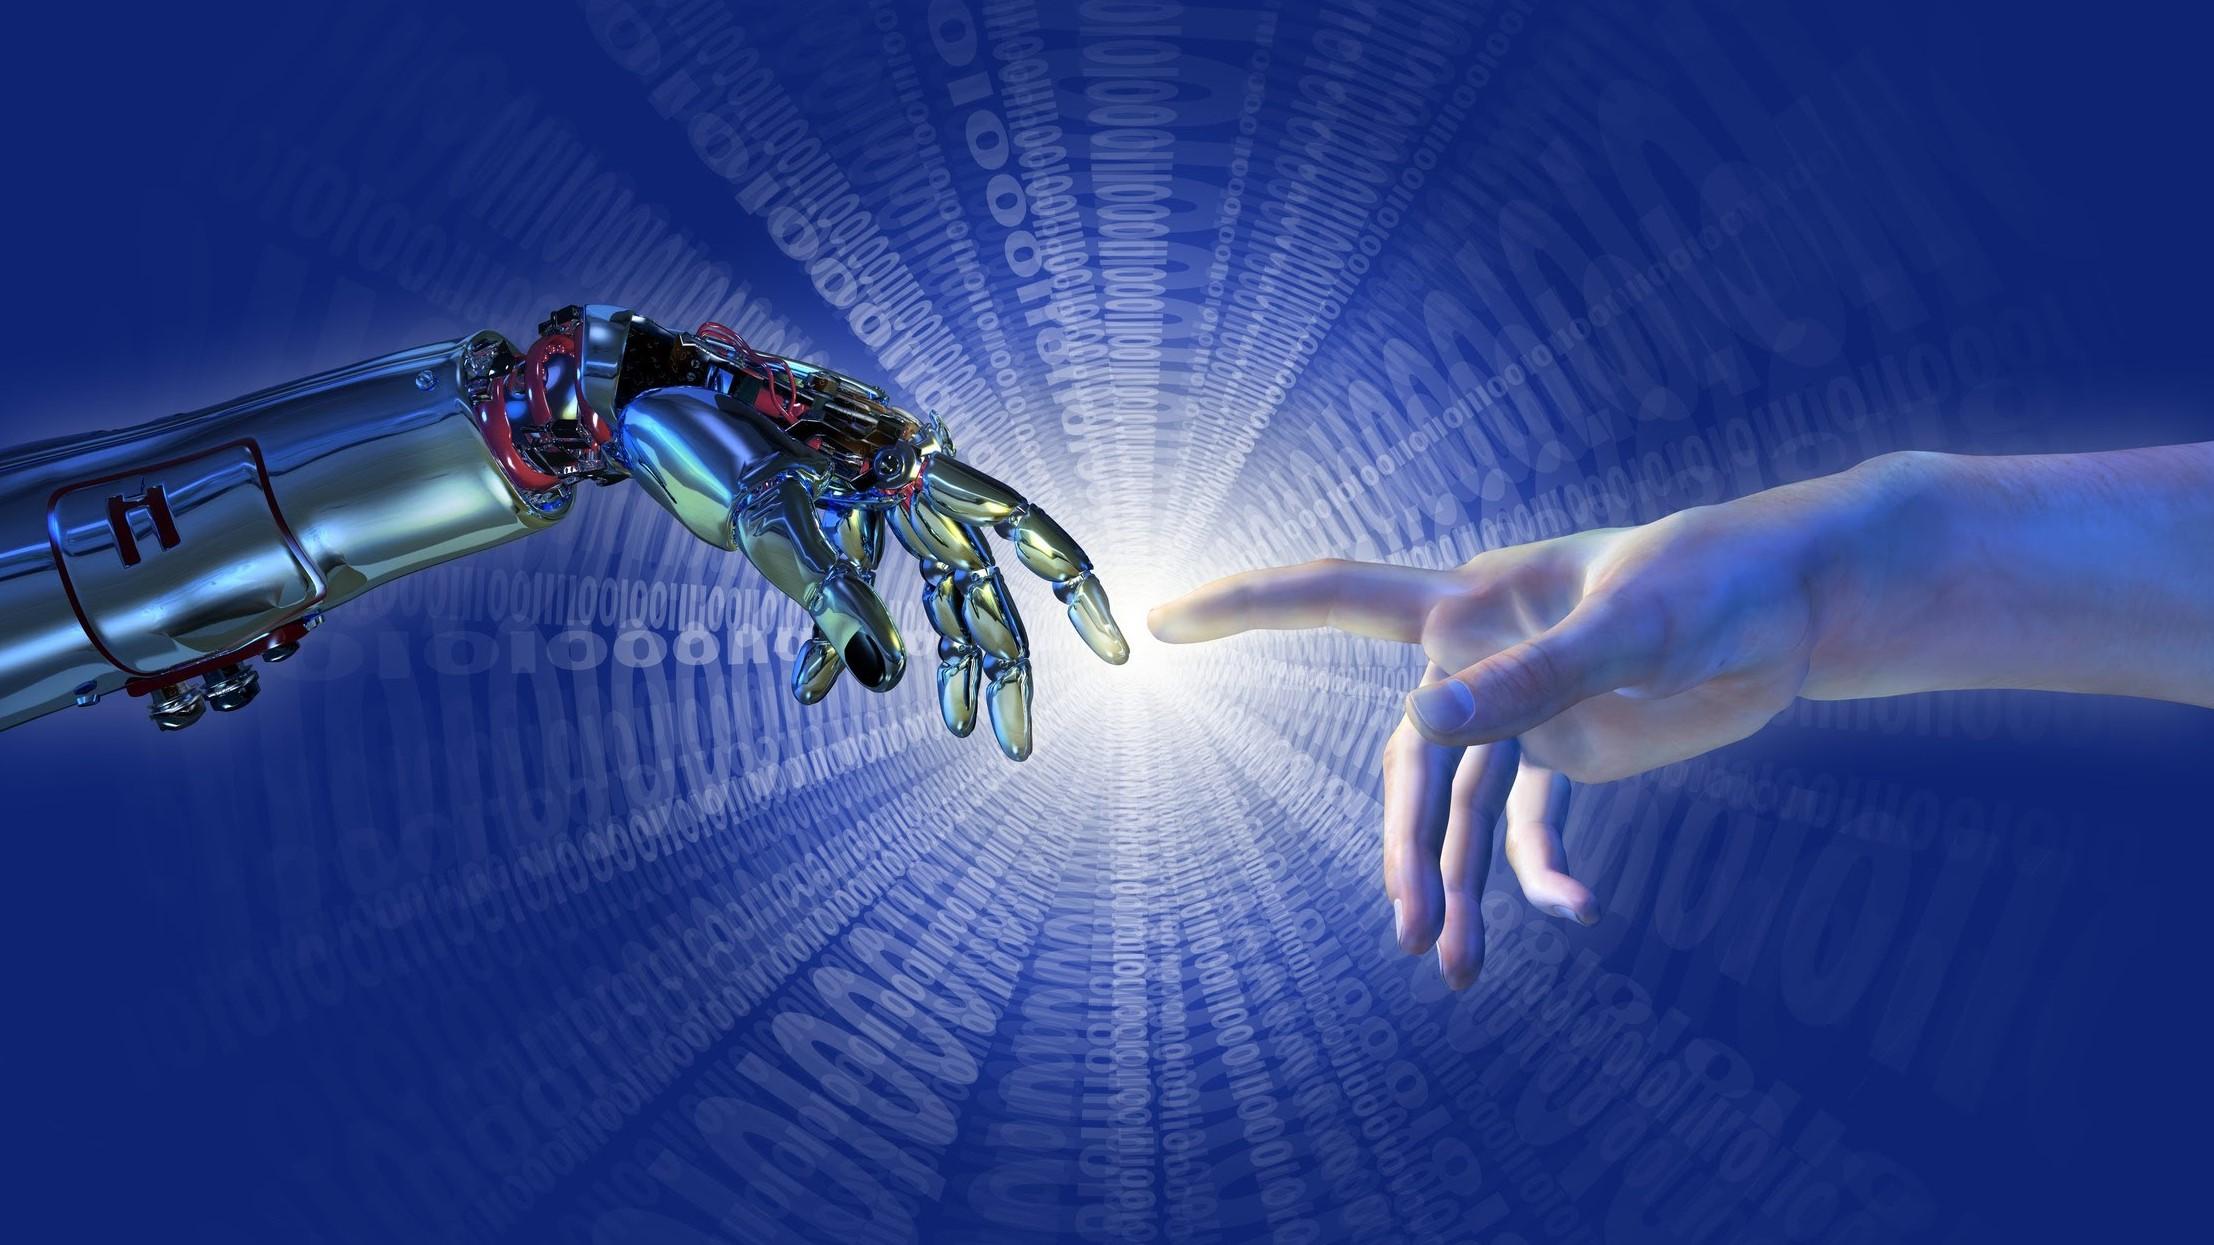 Intelligenza Artificiale, un algoritmo individua l'orientamento sessuale da una fotografia